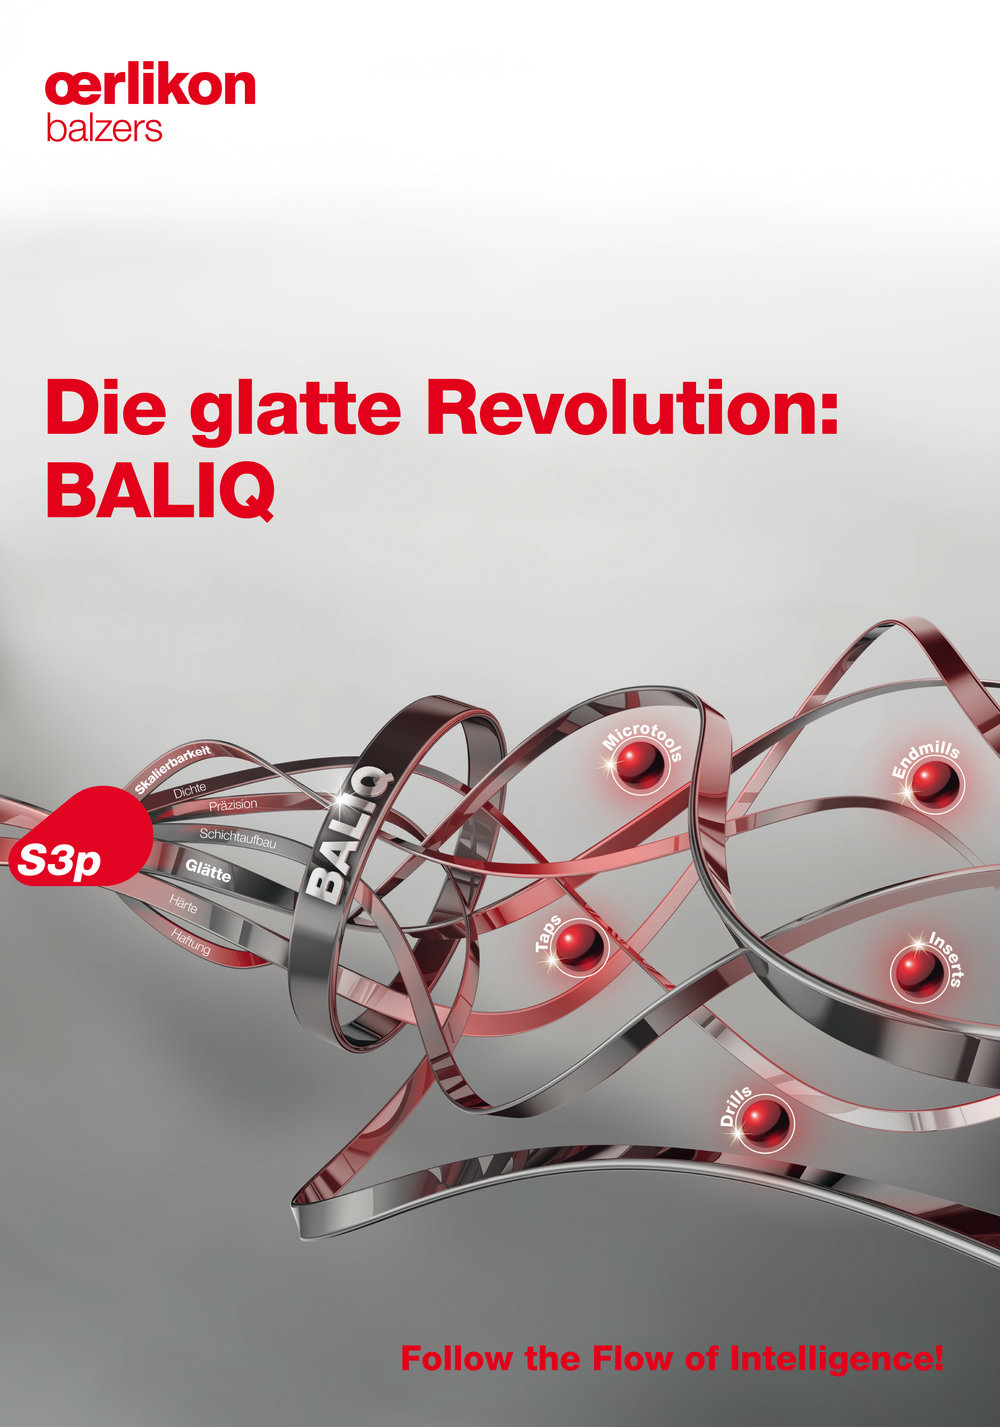 Broschüre Oerlikon Balzers - BALIQ 1